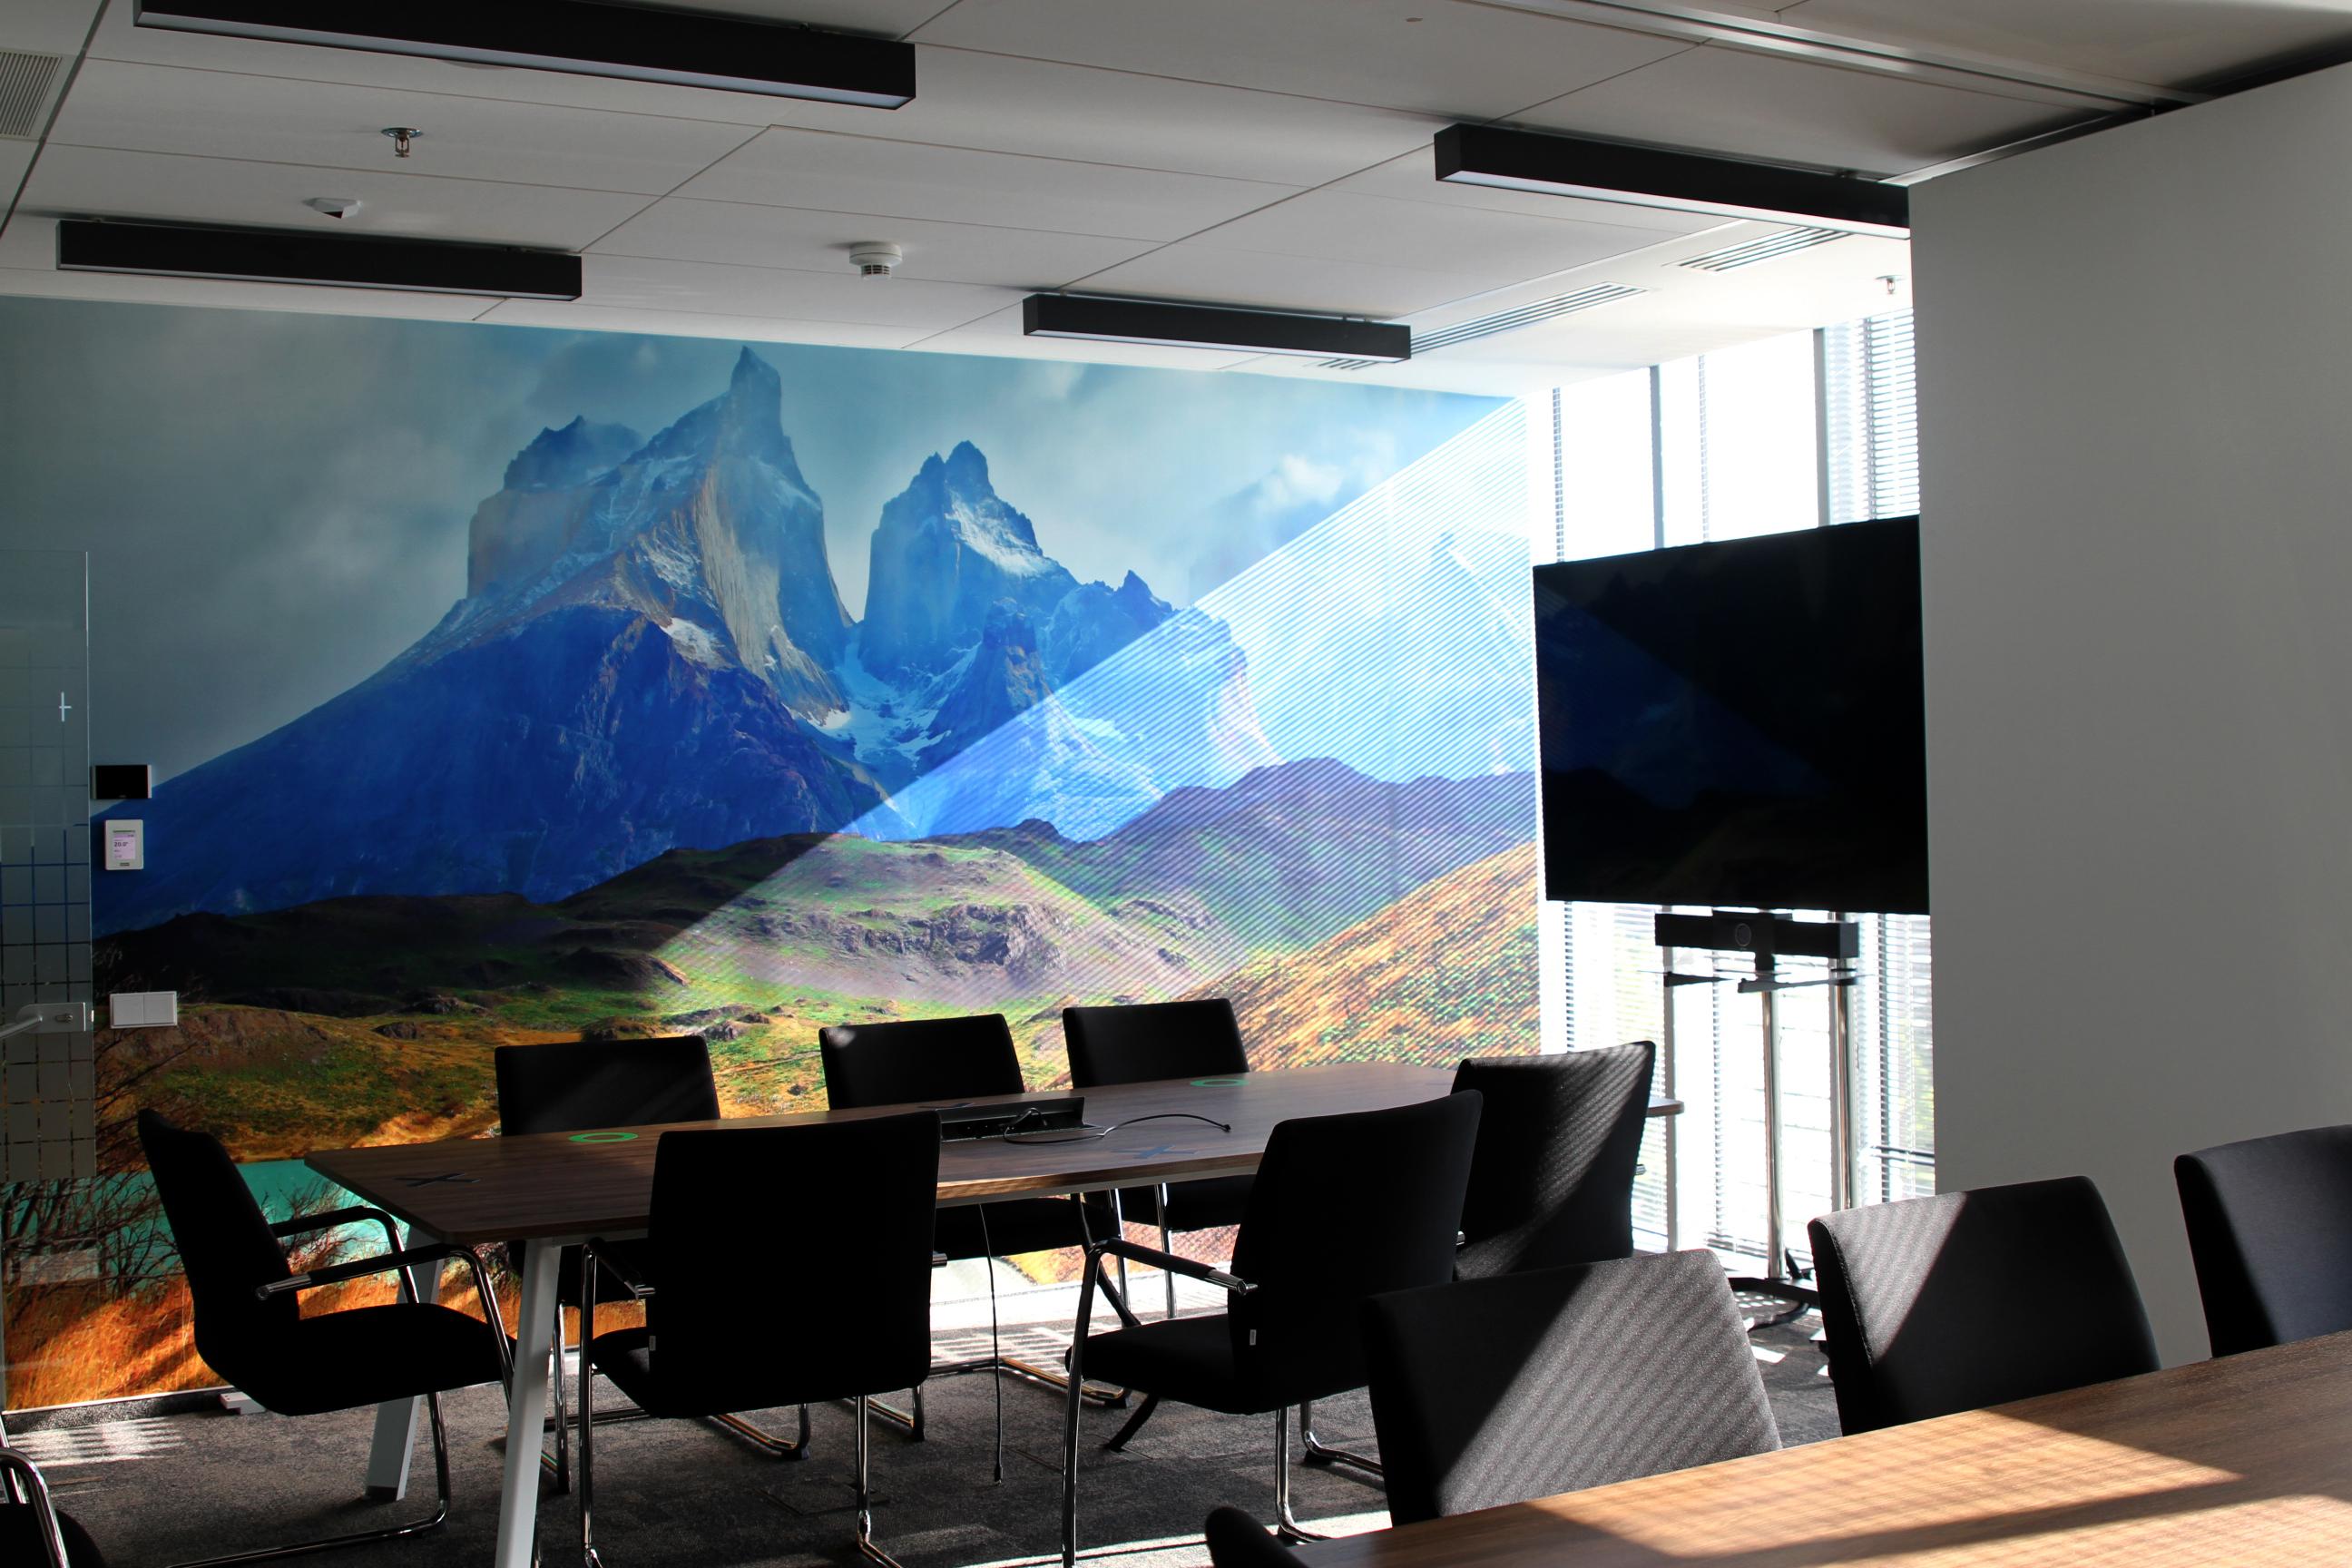 Sala konferencyjna w BNP Paribas Leasing Solutions - motyw krajobrazu